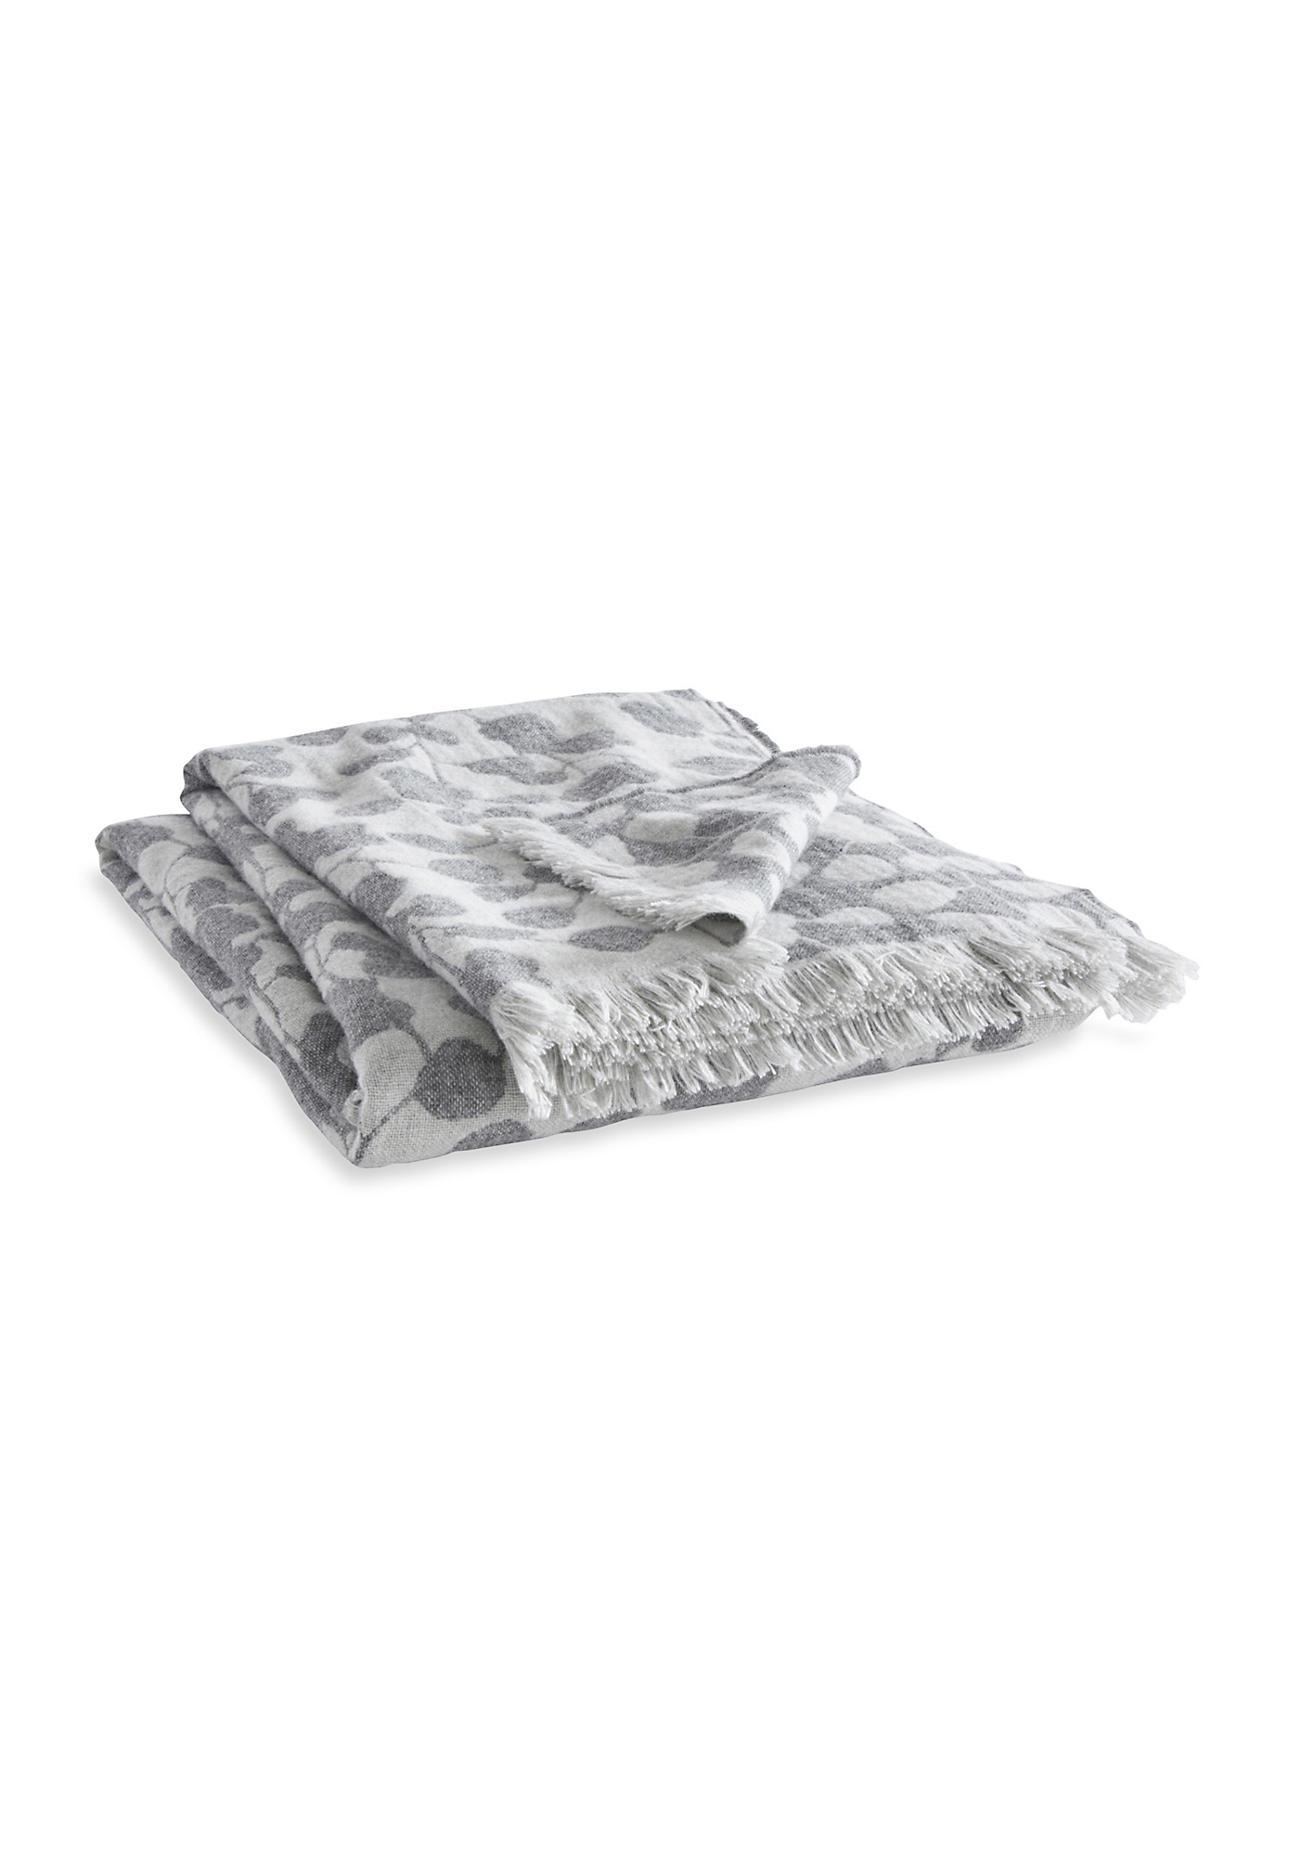 hessnatur Schurwoll-Decke Rami aus Merinowolle – grau – Größe 130x180 cm